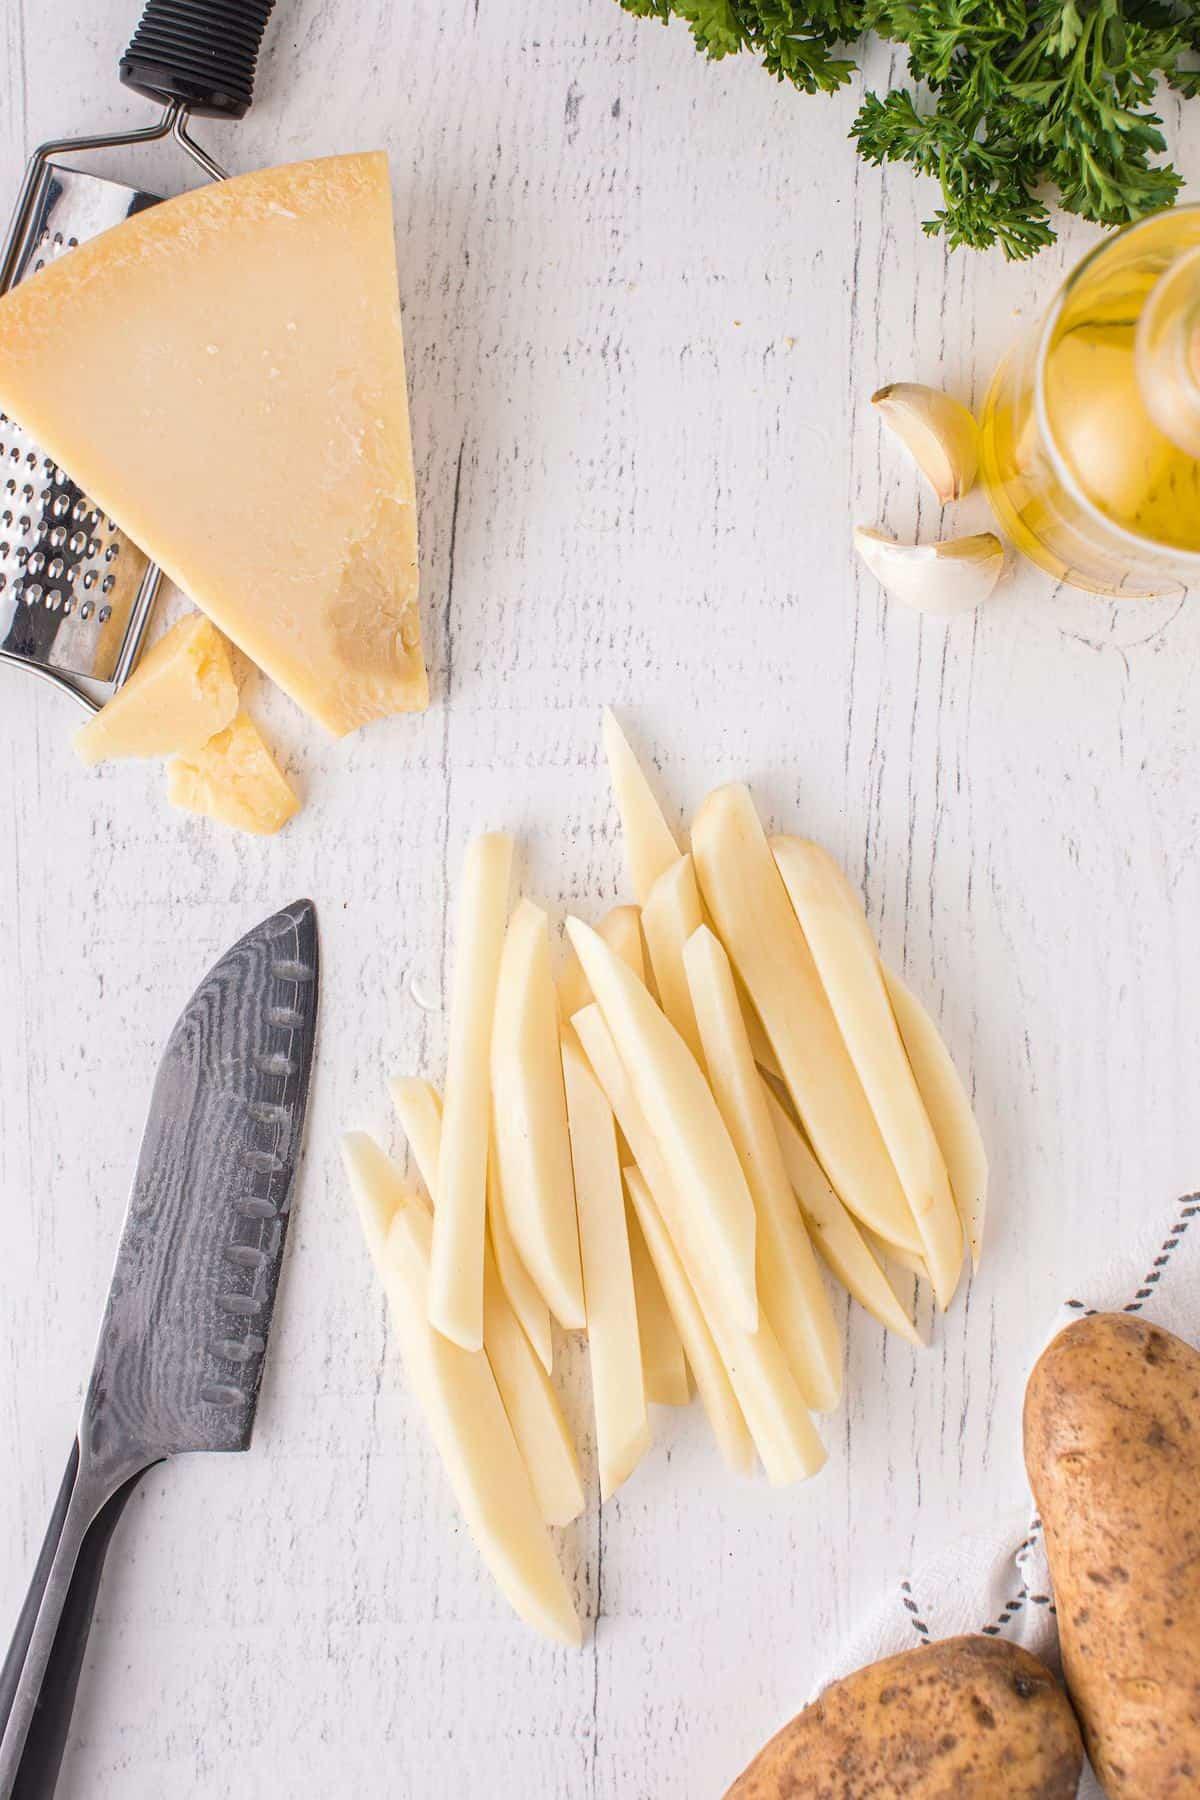 potato cut into fries